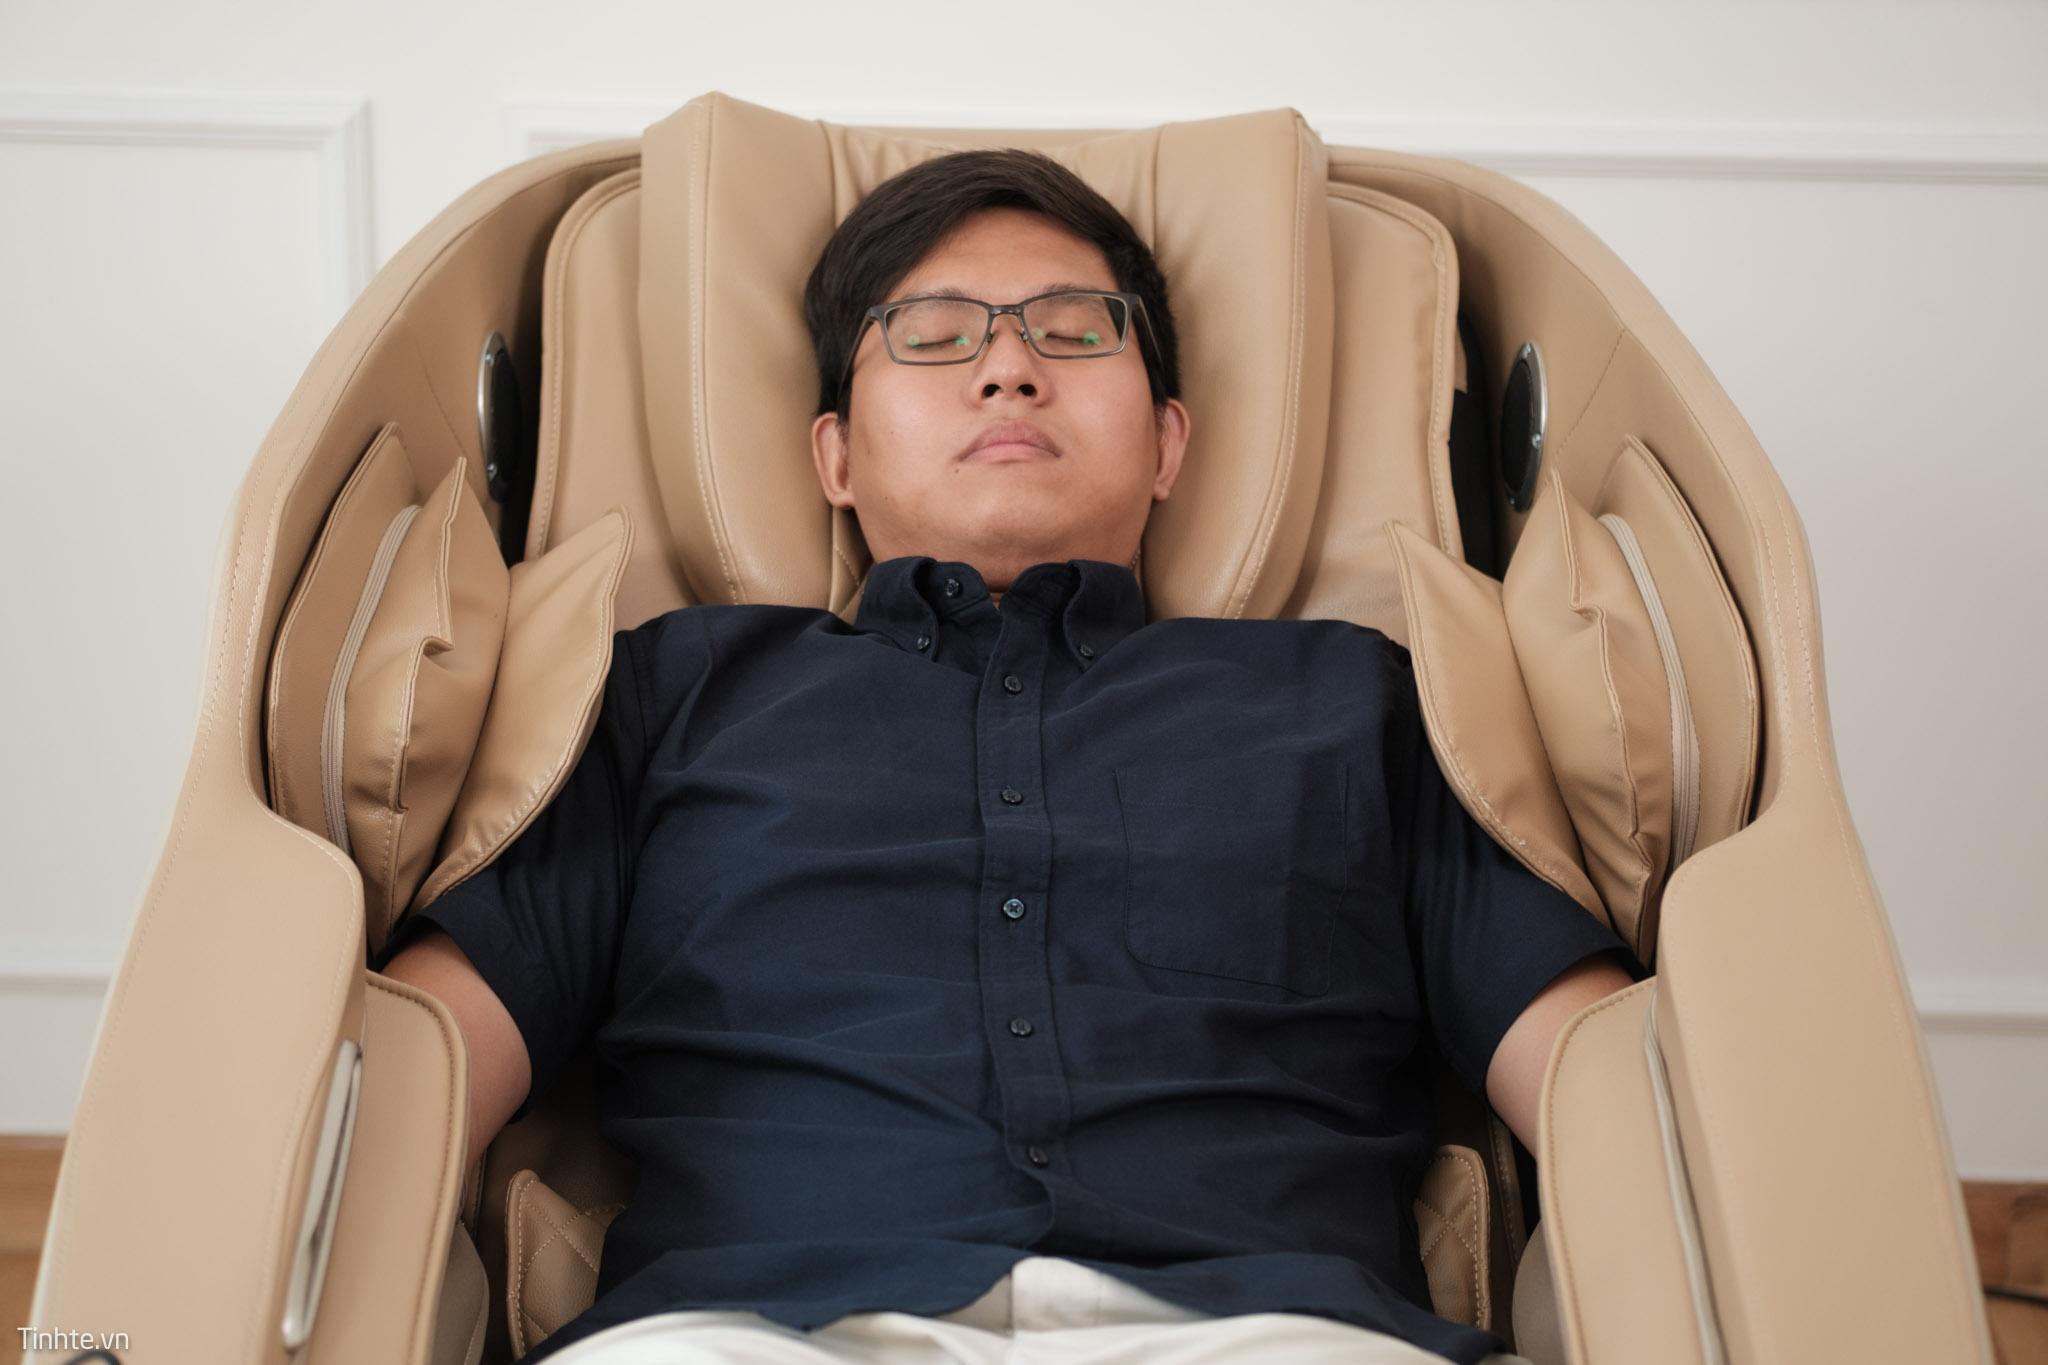 Ngồi ghế massage nhiều không tốt. Theo các chuyên gia, thời gian mỗi lần dùng ghế massage là không quá 20 phút.